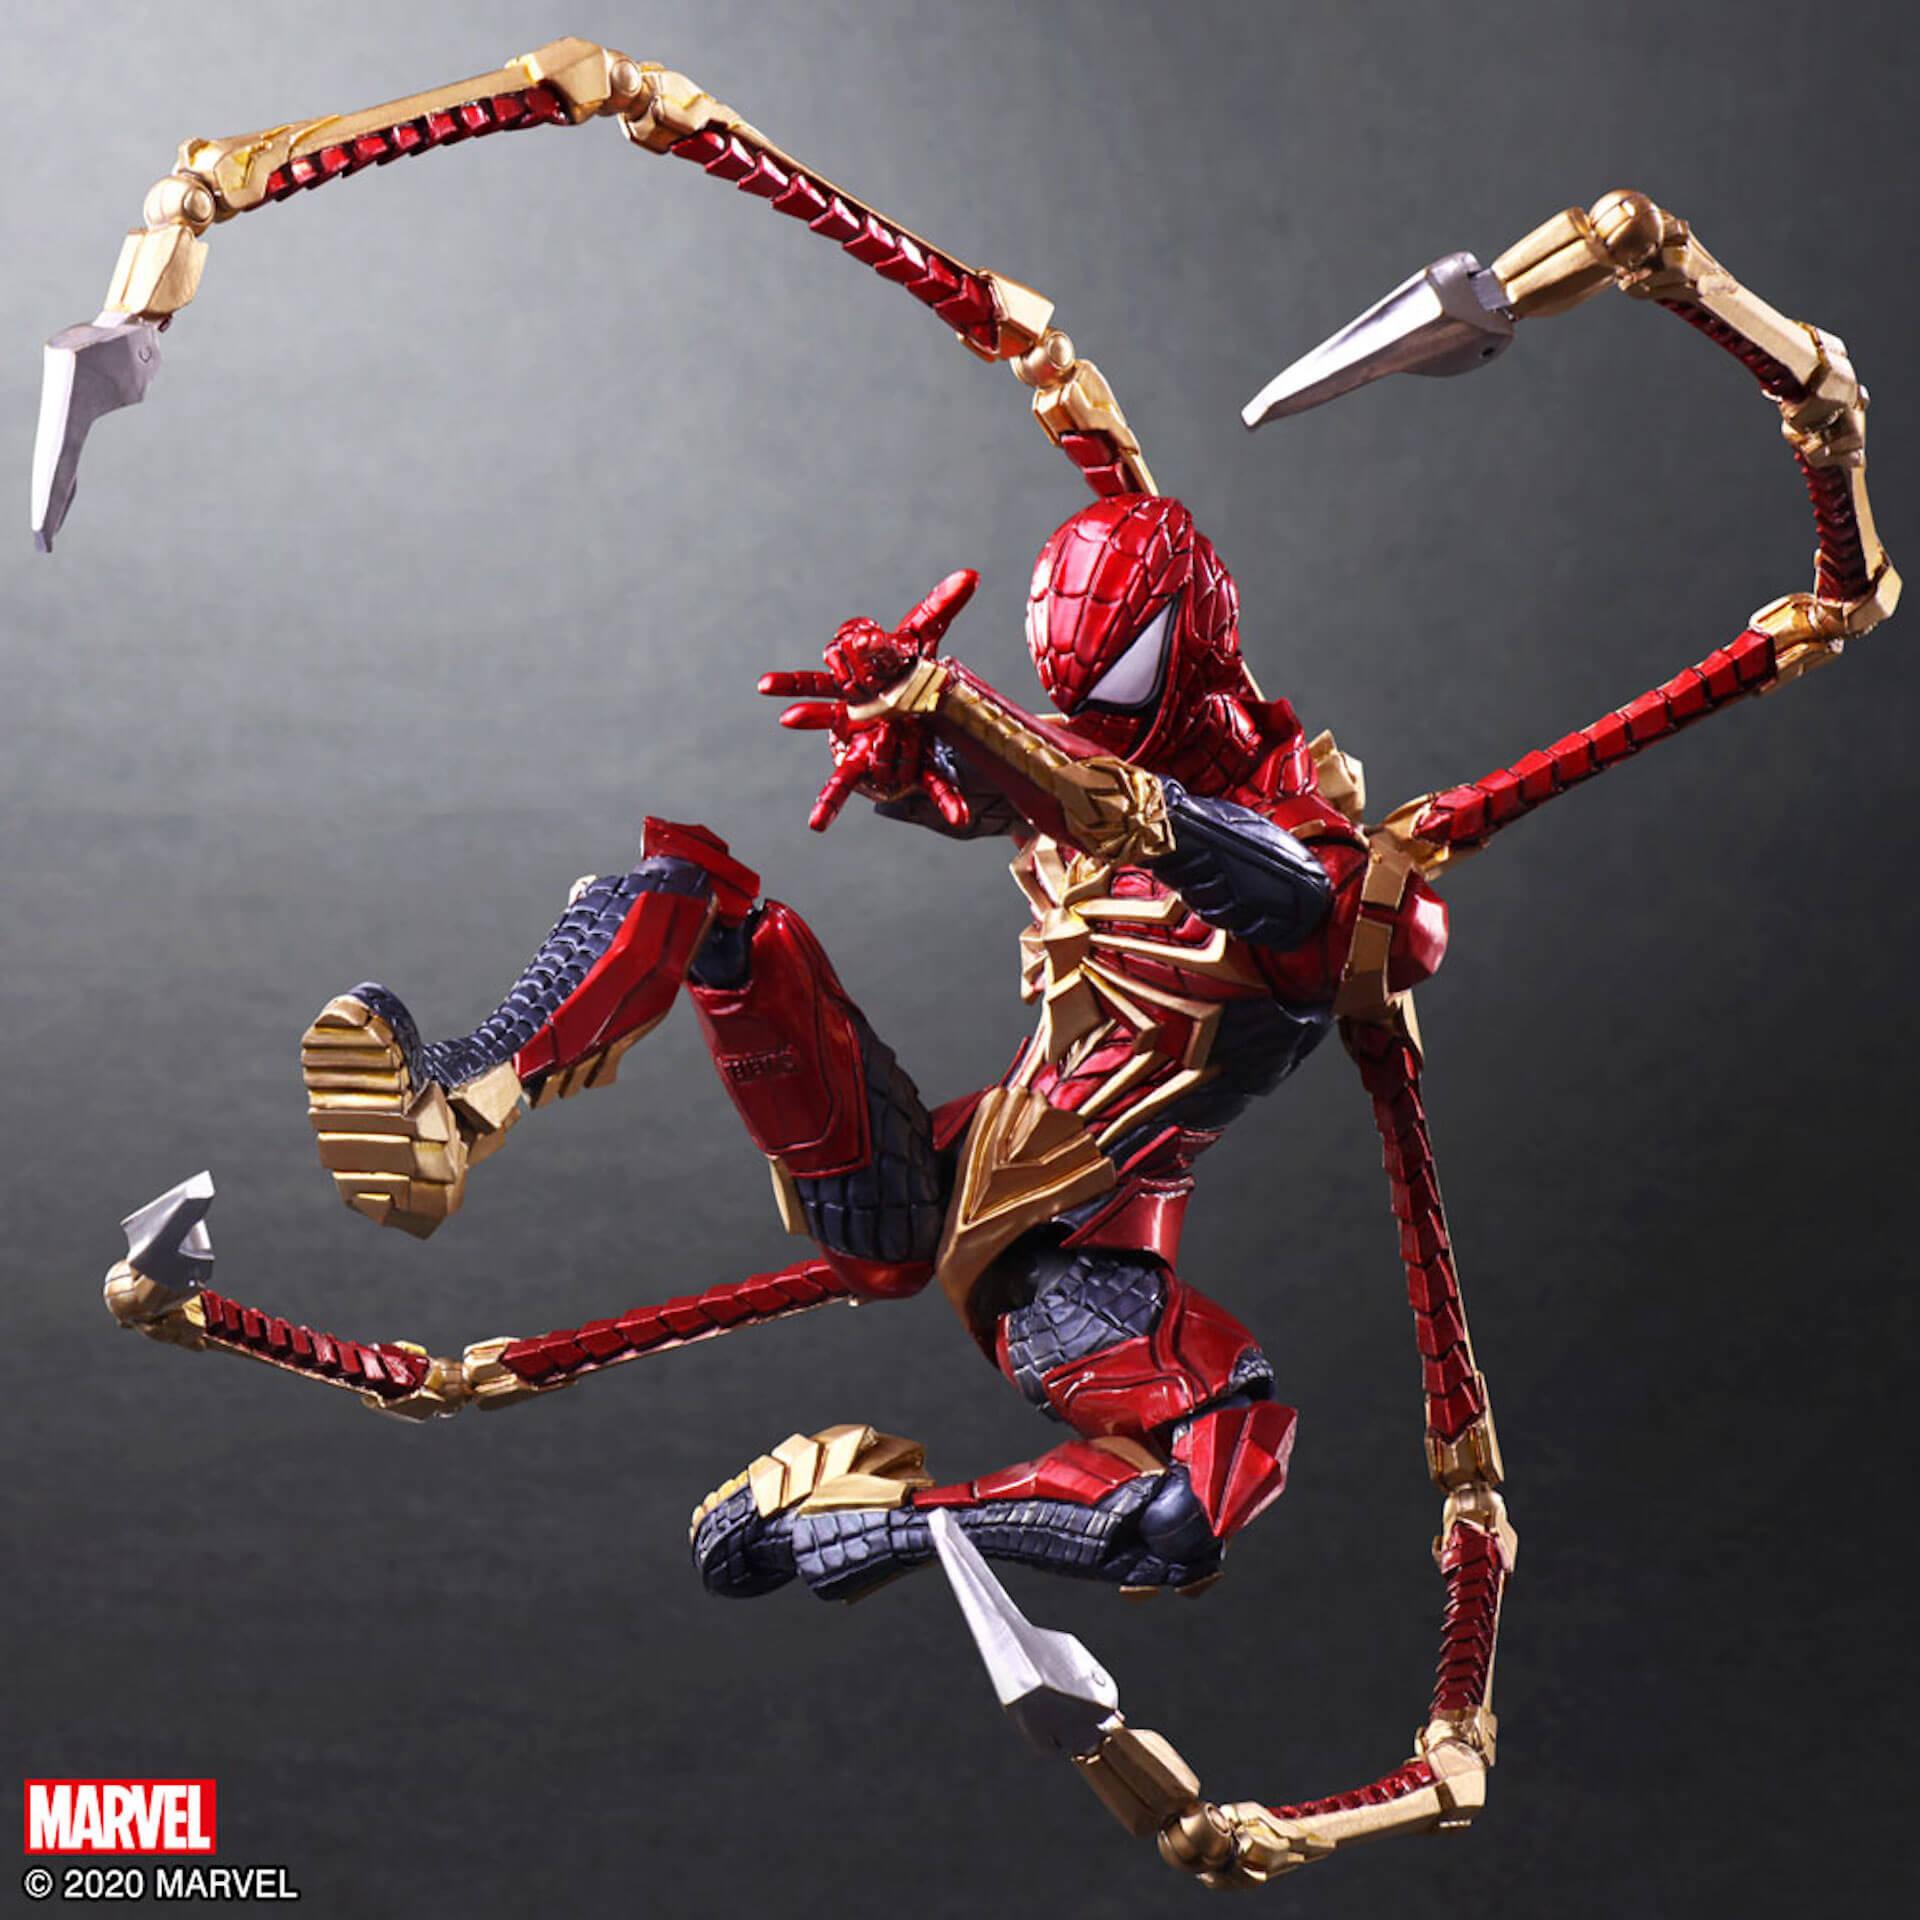 野村哲也デザインの『アイアンマン』『キャプテン・アメリカ』『スパイダーマン』フィギュアがスクウェア・エニックスのオンラインサイトで予約受付中! ac200702_marvel_nomuratesuya_23